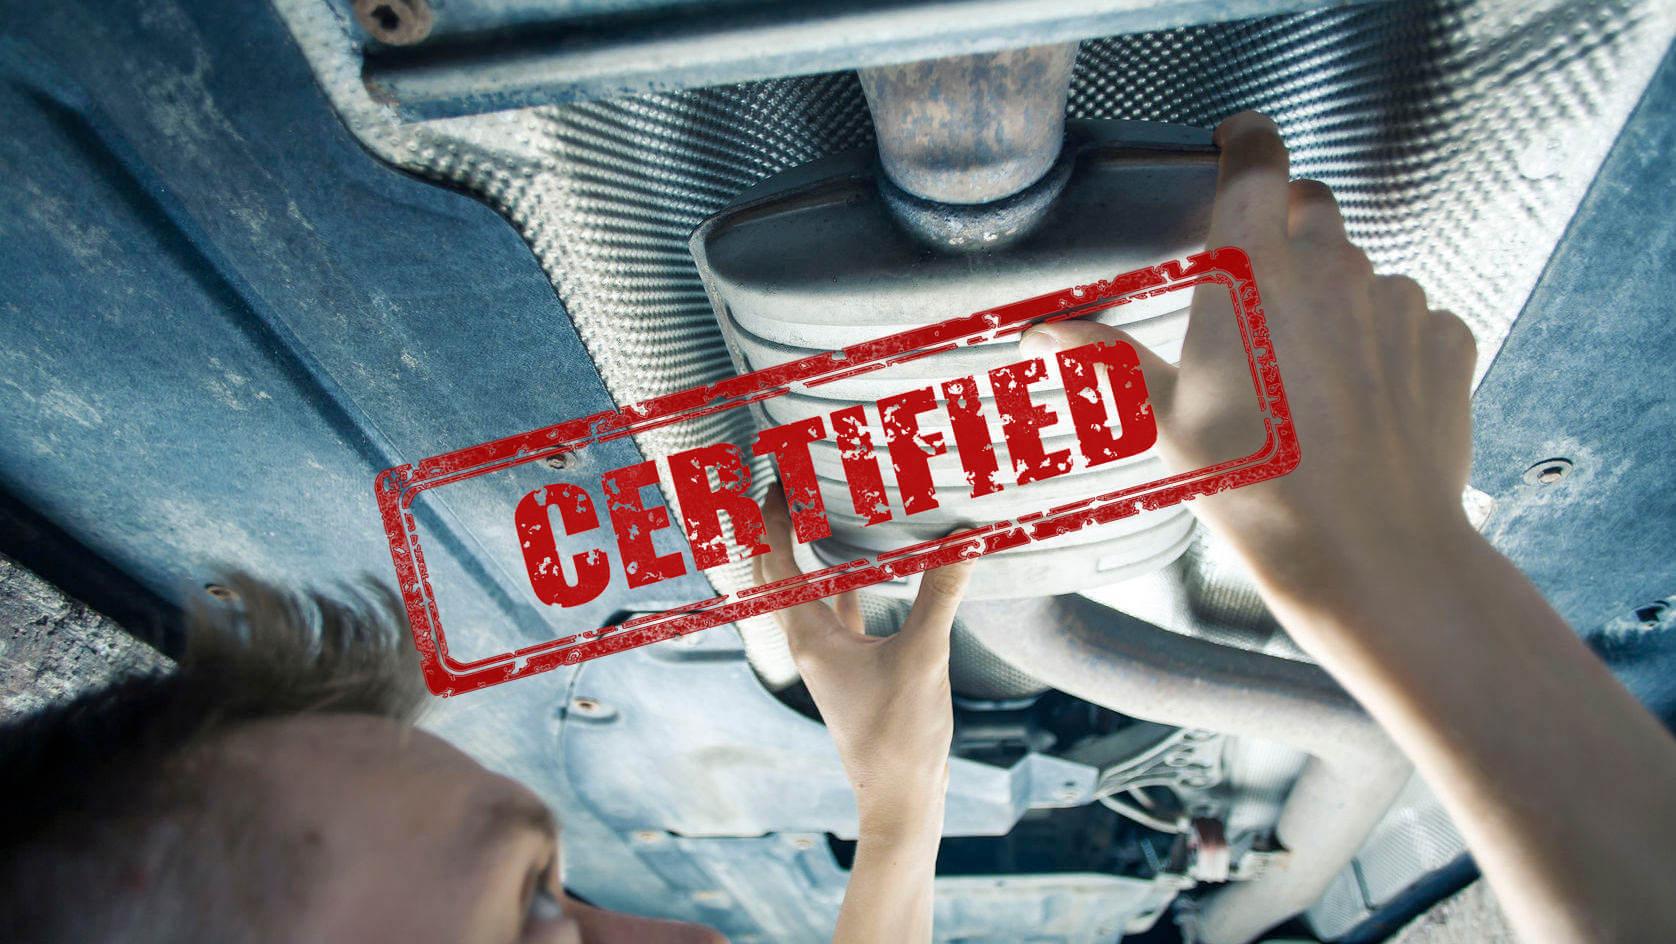 Auto-mechanic-repair-certified